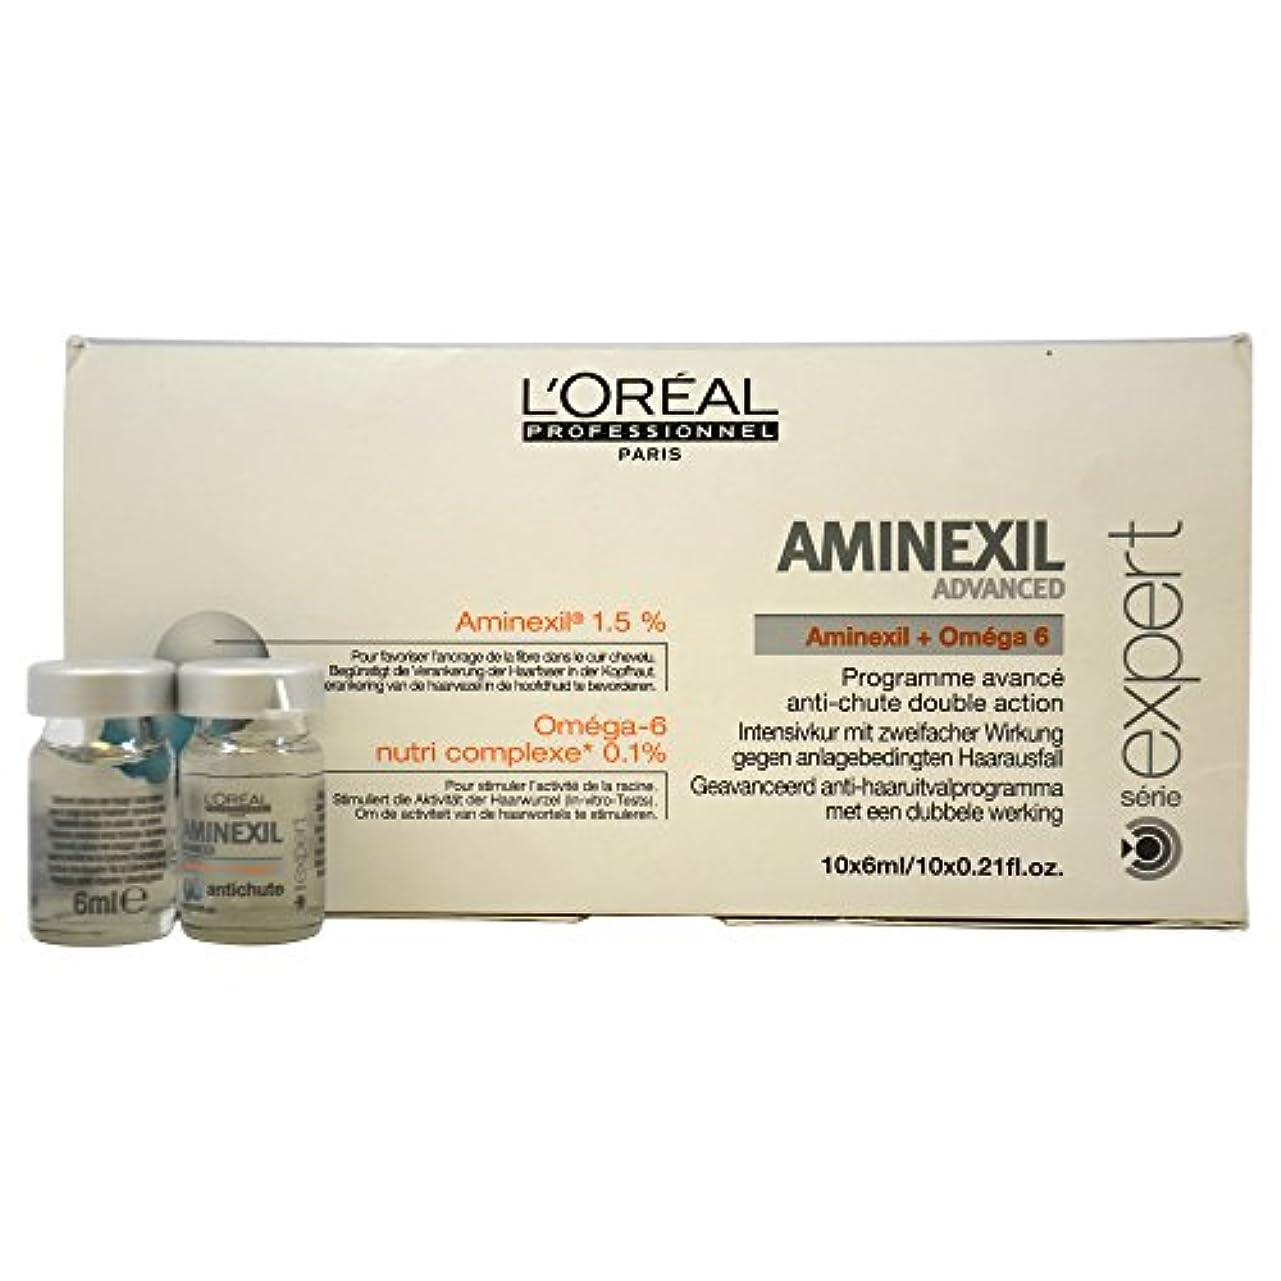 申し立てラインめんどりロレアル エキスパート ア三ネクシル コントロール 10個 L'Oreal Expert Aminexil Control 10 Units Advanced [並行輸入品]